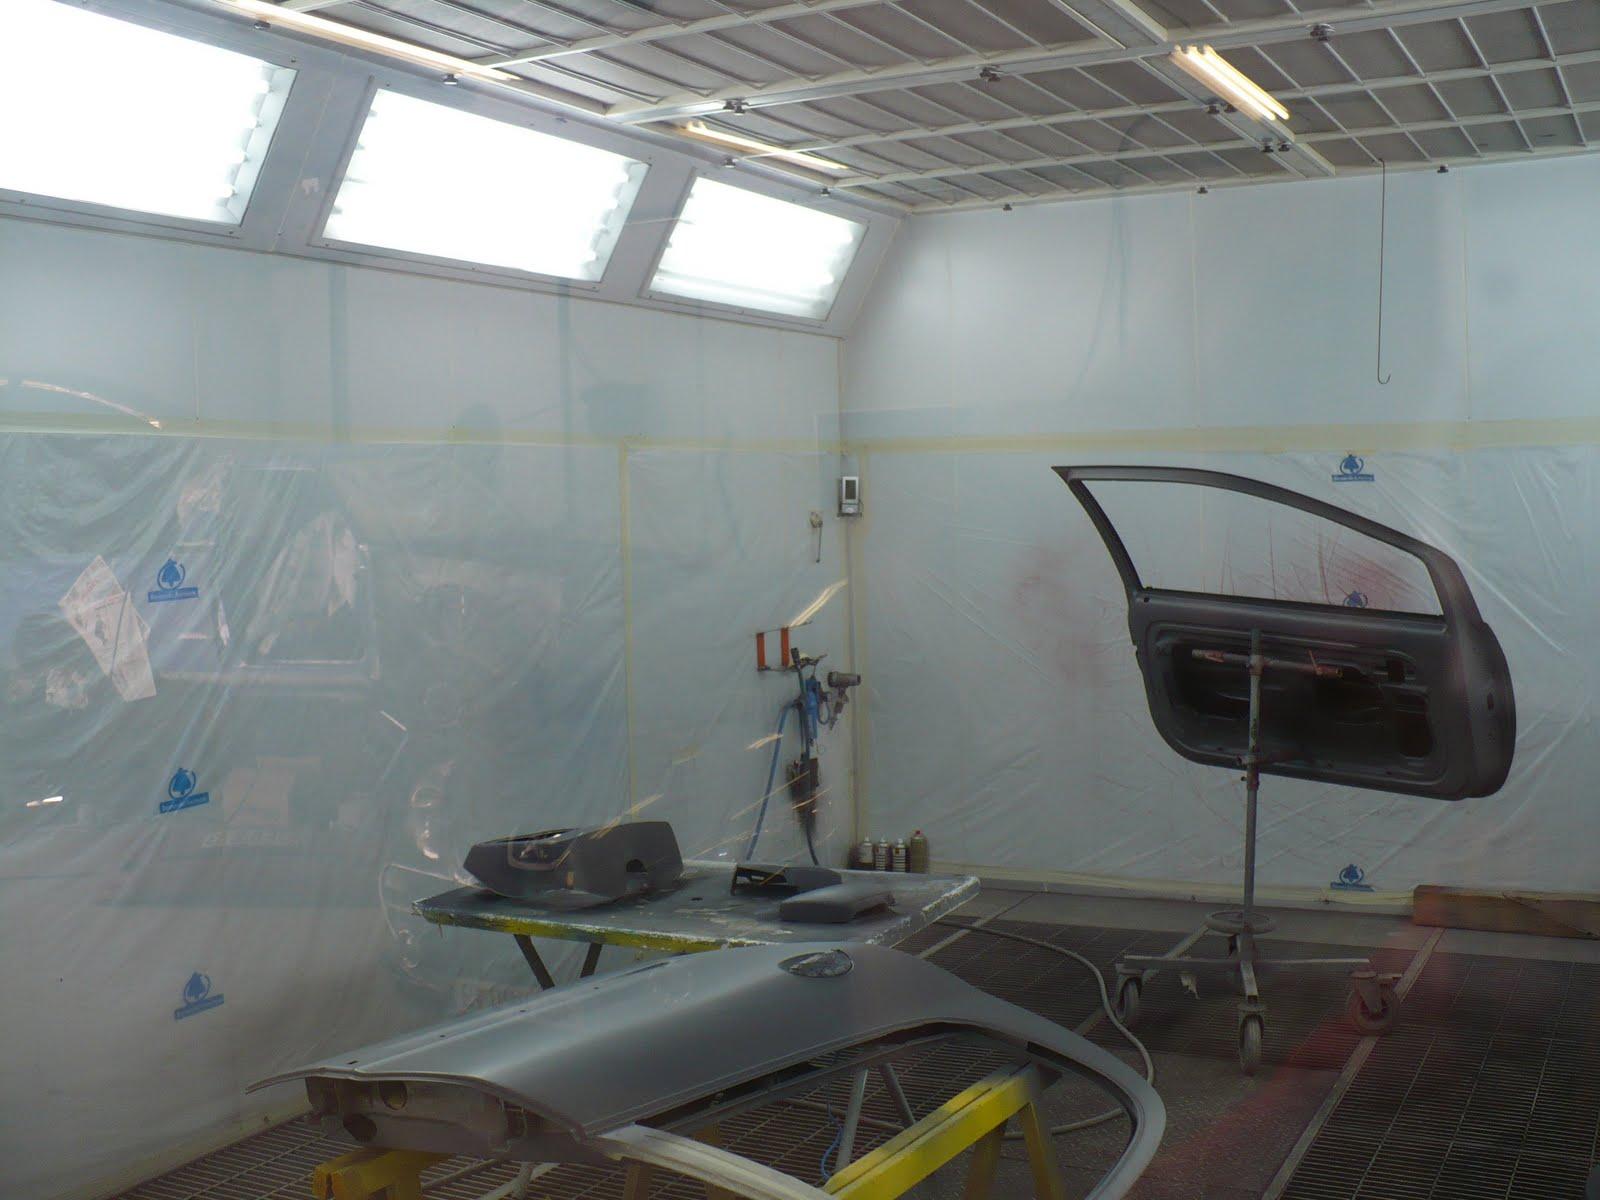 garage bonino t lerie carrosserie peinture automobiles r paration cassis b doule aubagne. Black Bedroom Furniture Sets. Home Design Ideas